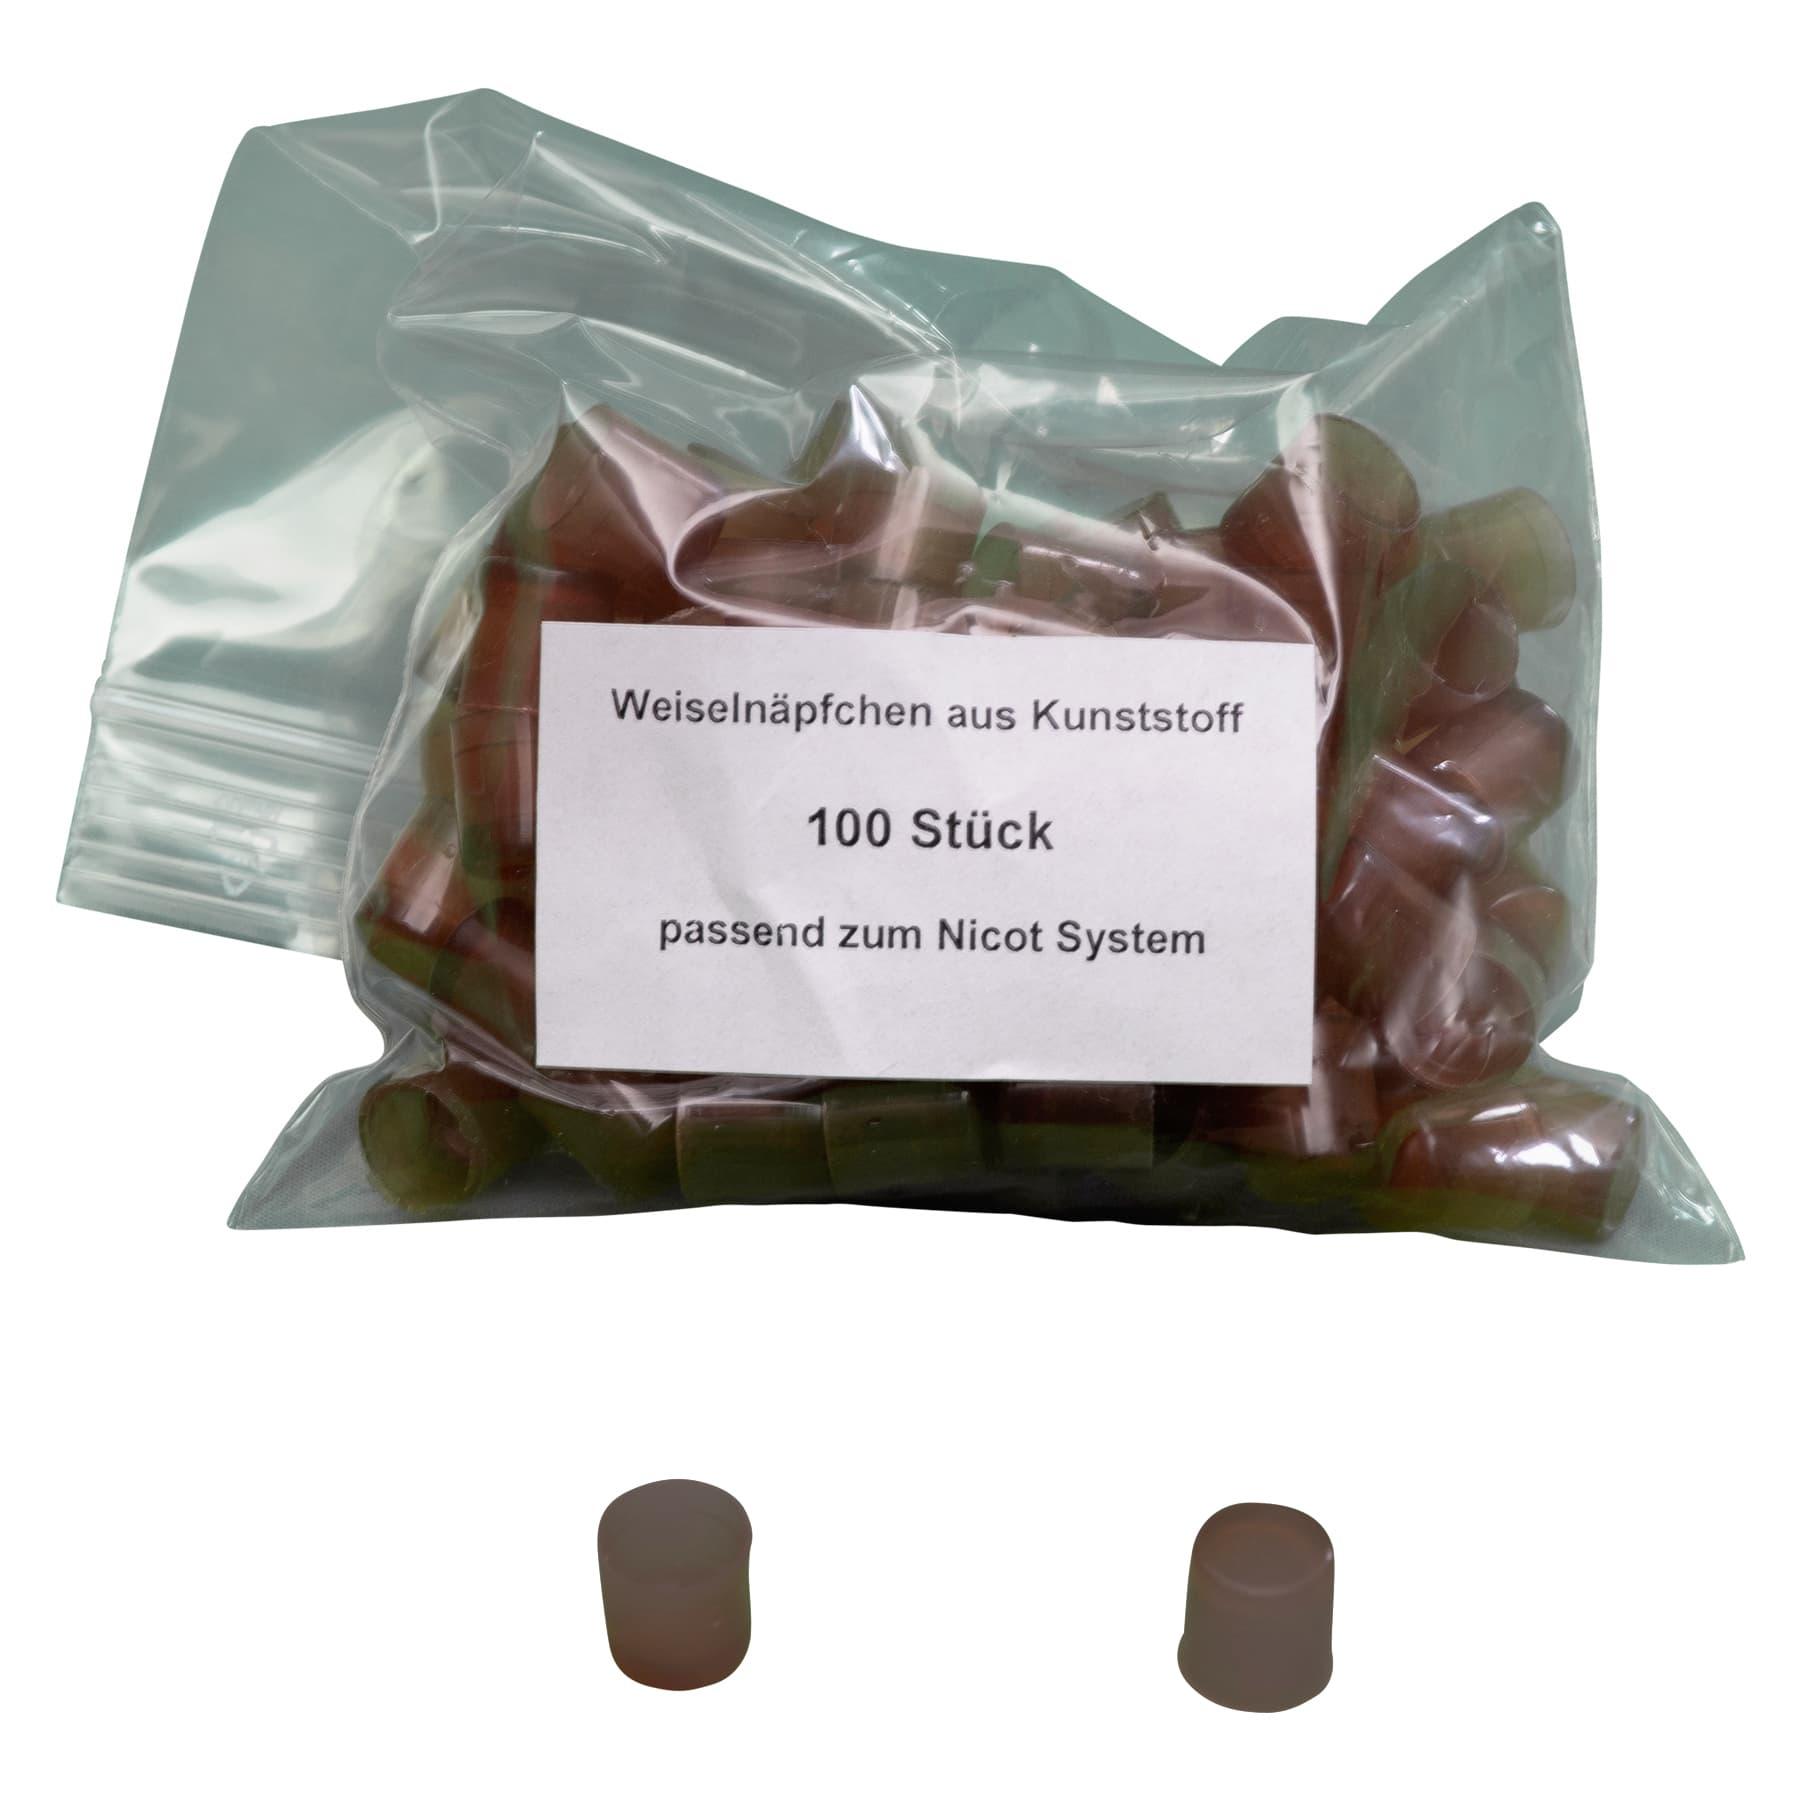 Weiselnäpfchen aus Kunststoff 100 Stück, passend zum Nicot System